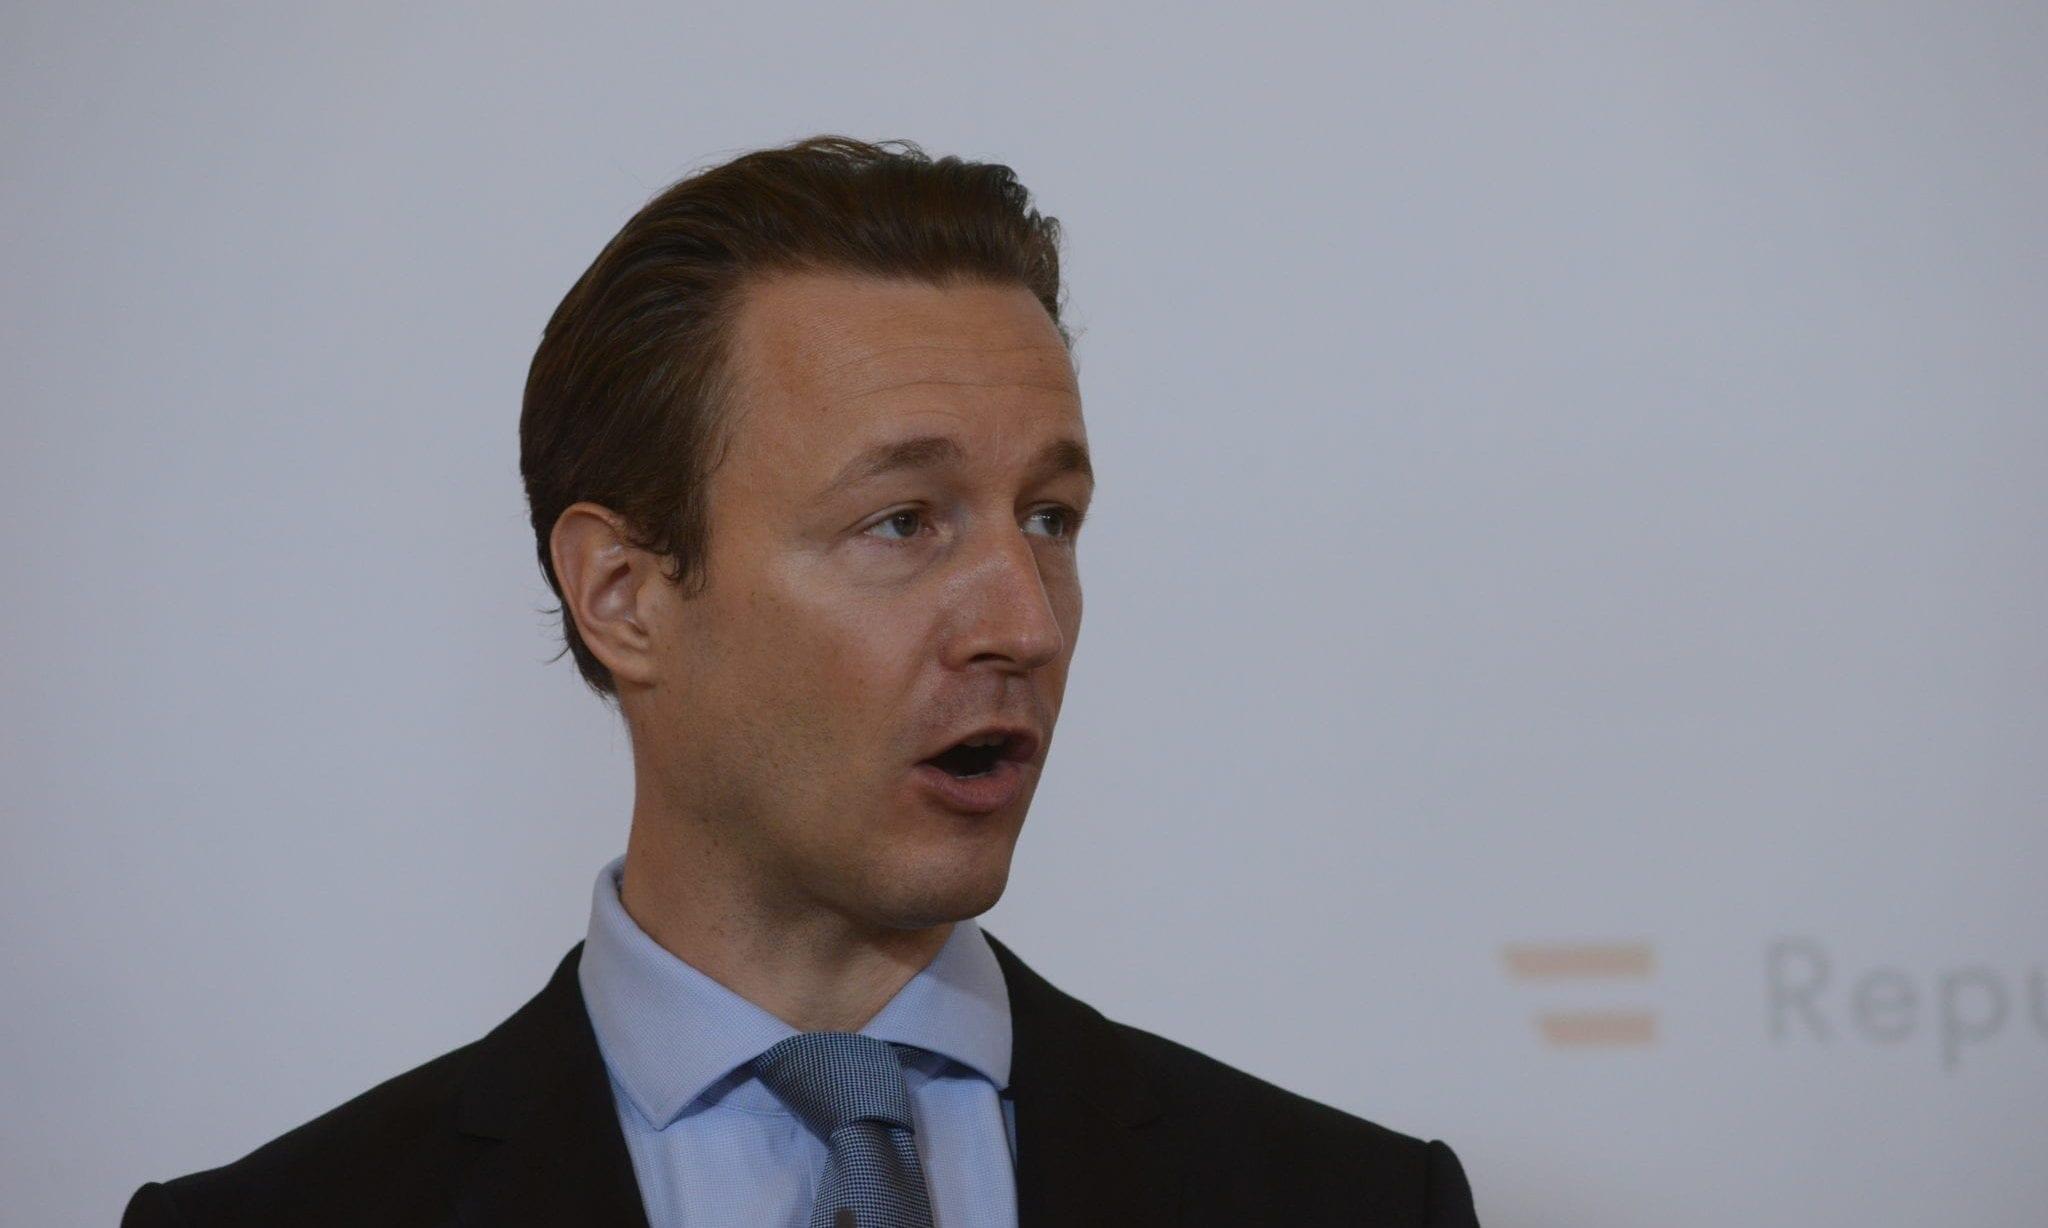 Weiter Wirbel um Blümels COFAG: FPÖ will Auflösung der Finanzagentur